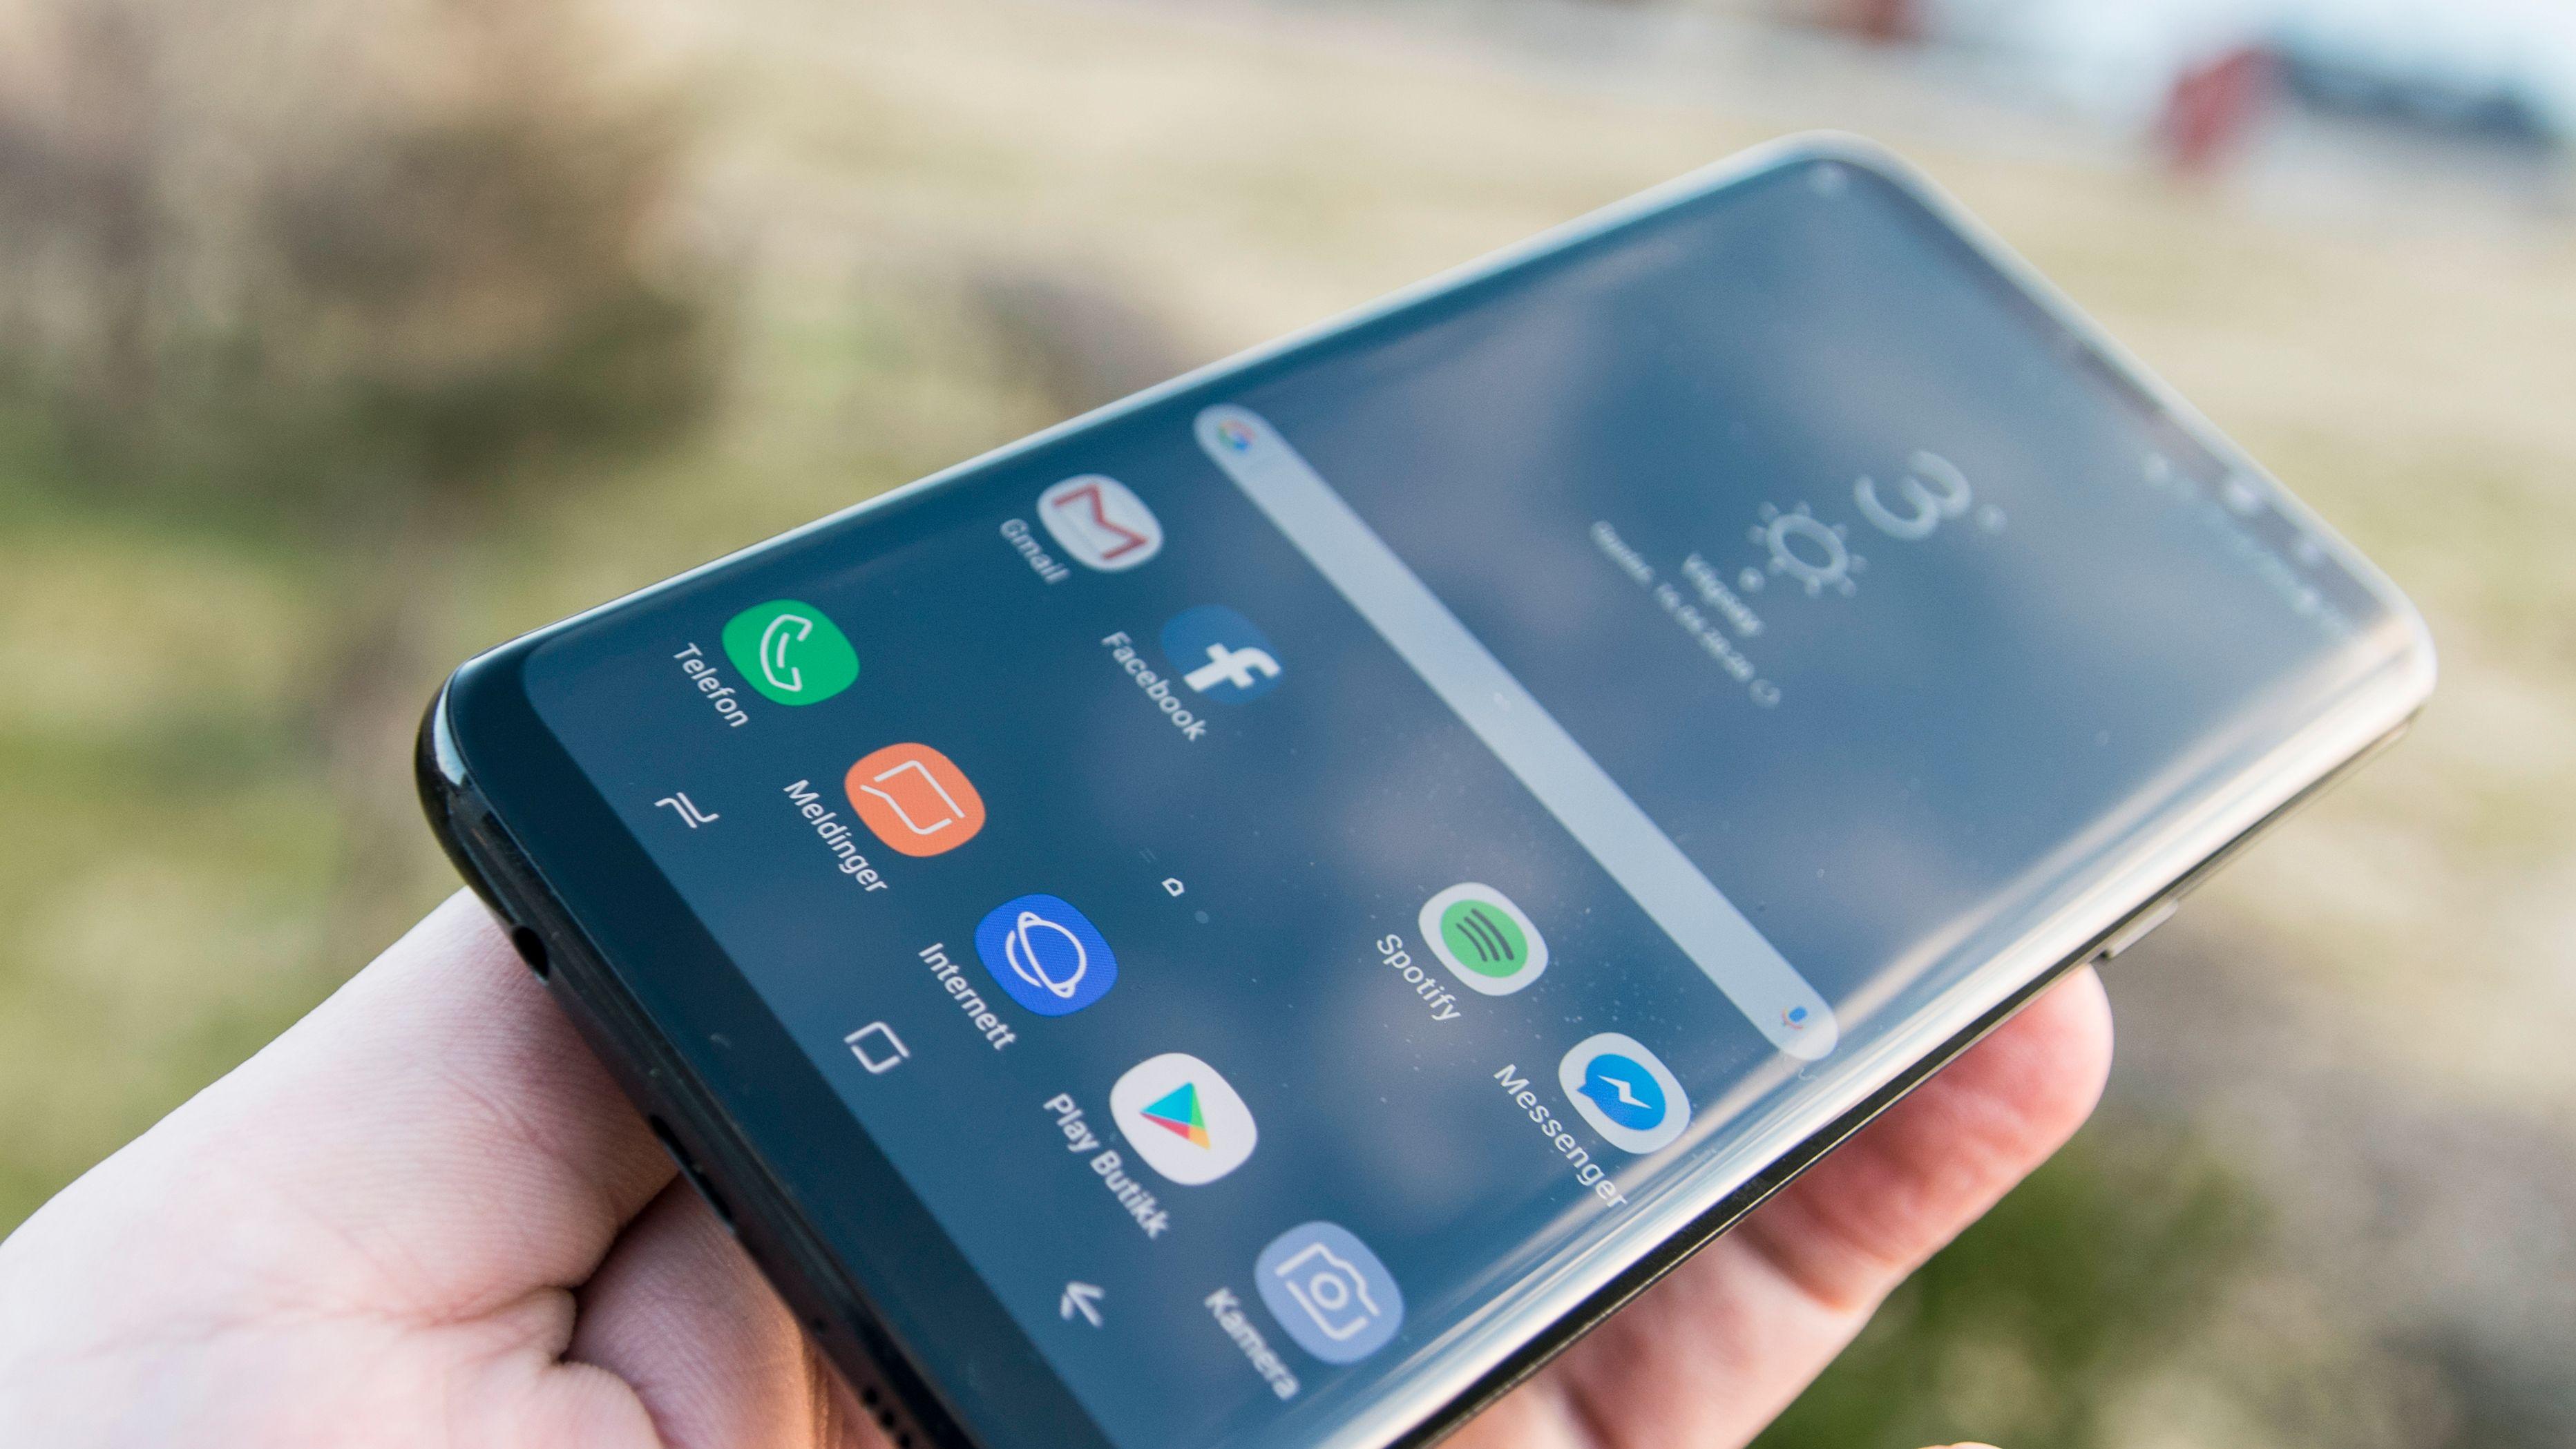 Galaxy S8-eiere får fordeler takket være et nytt samarbeid mellom Google og Samsung.